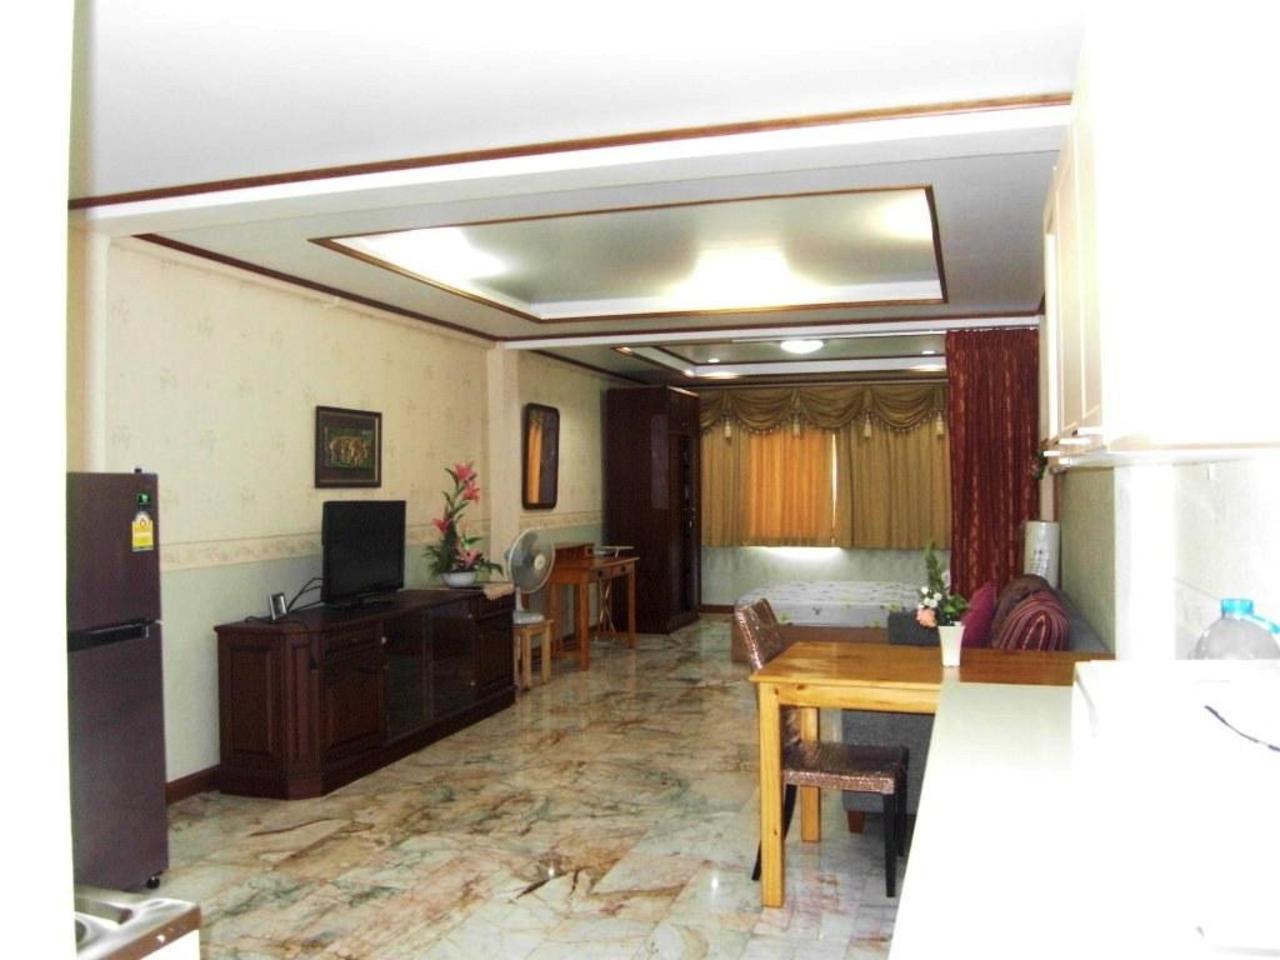 นิคกี้ เรสซิเดนซ์ พัทยา กลาง (Nicky Residence Pattaya Klang)